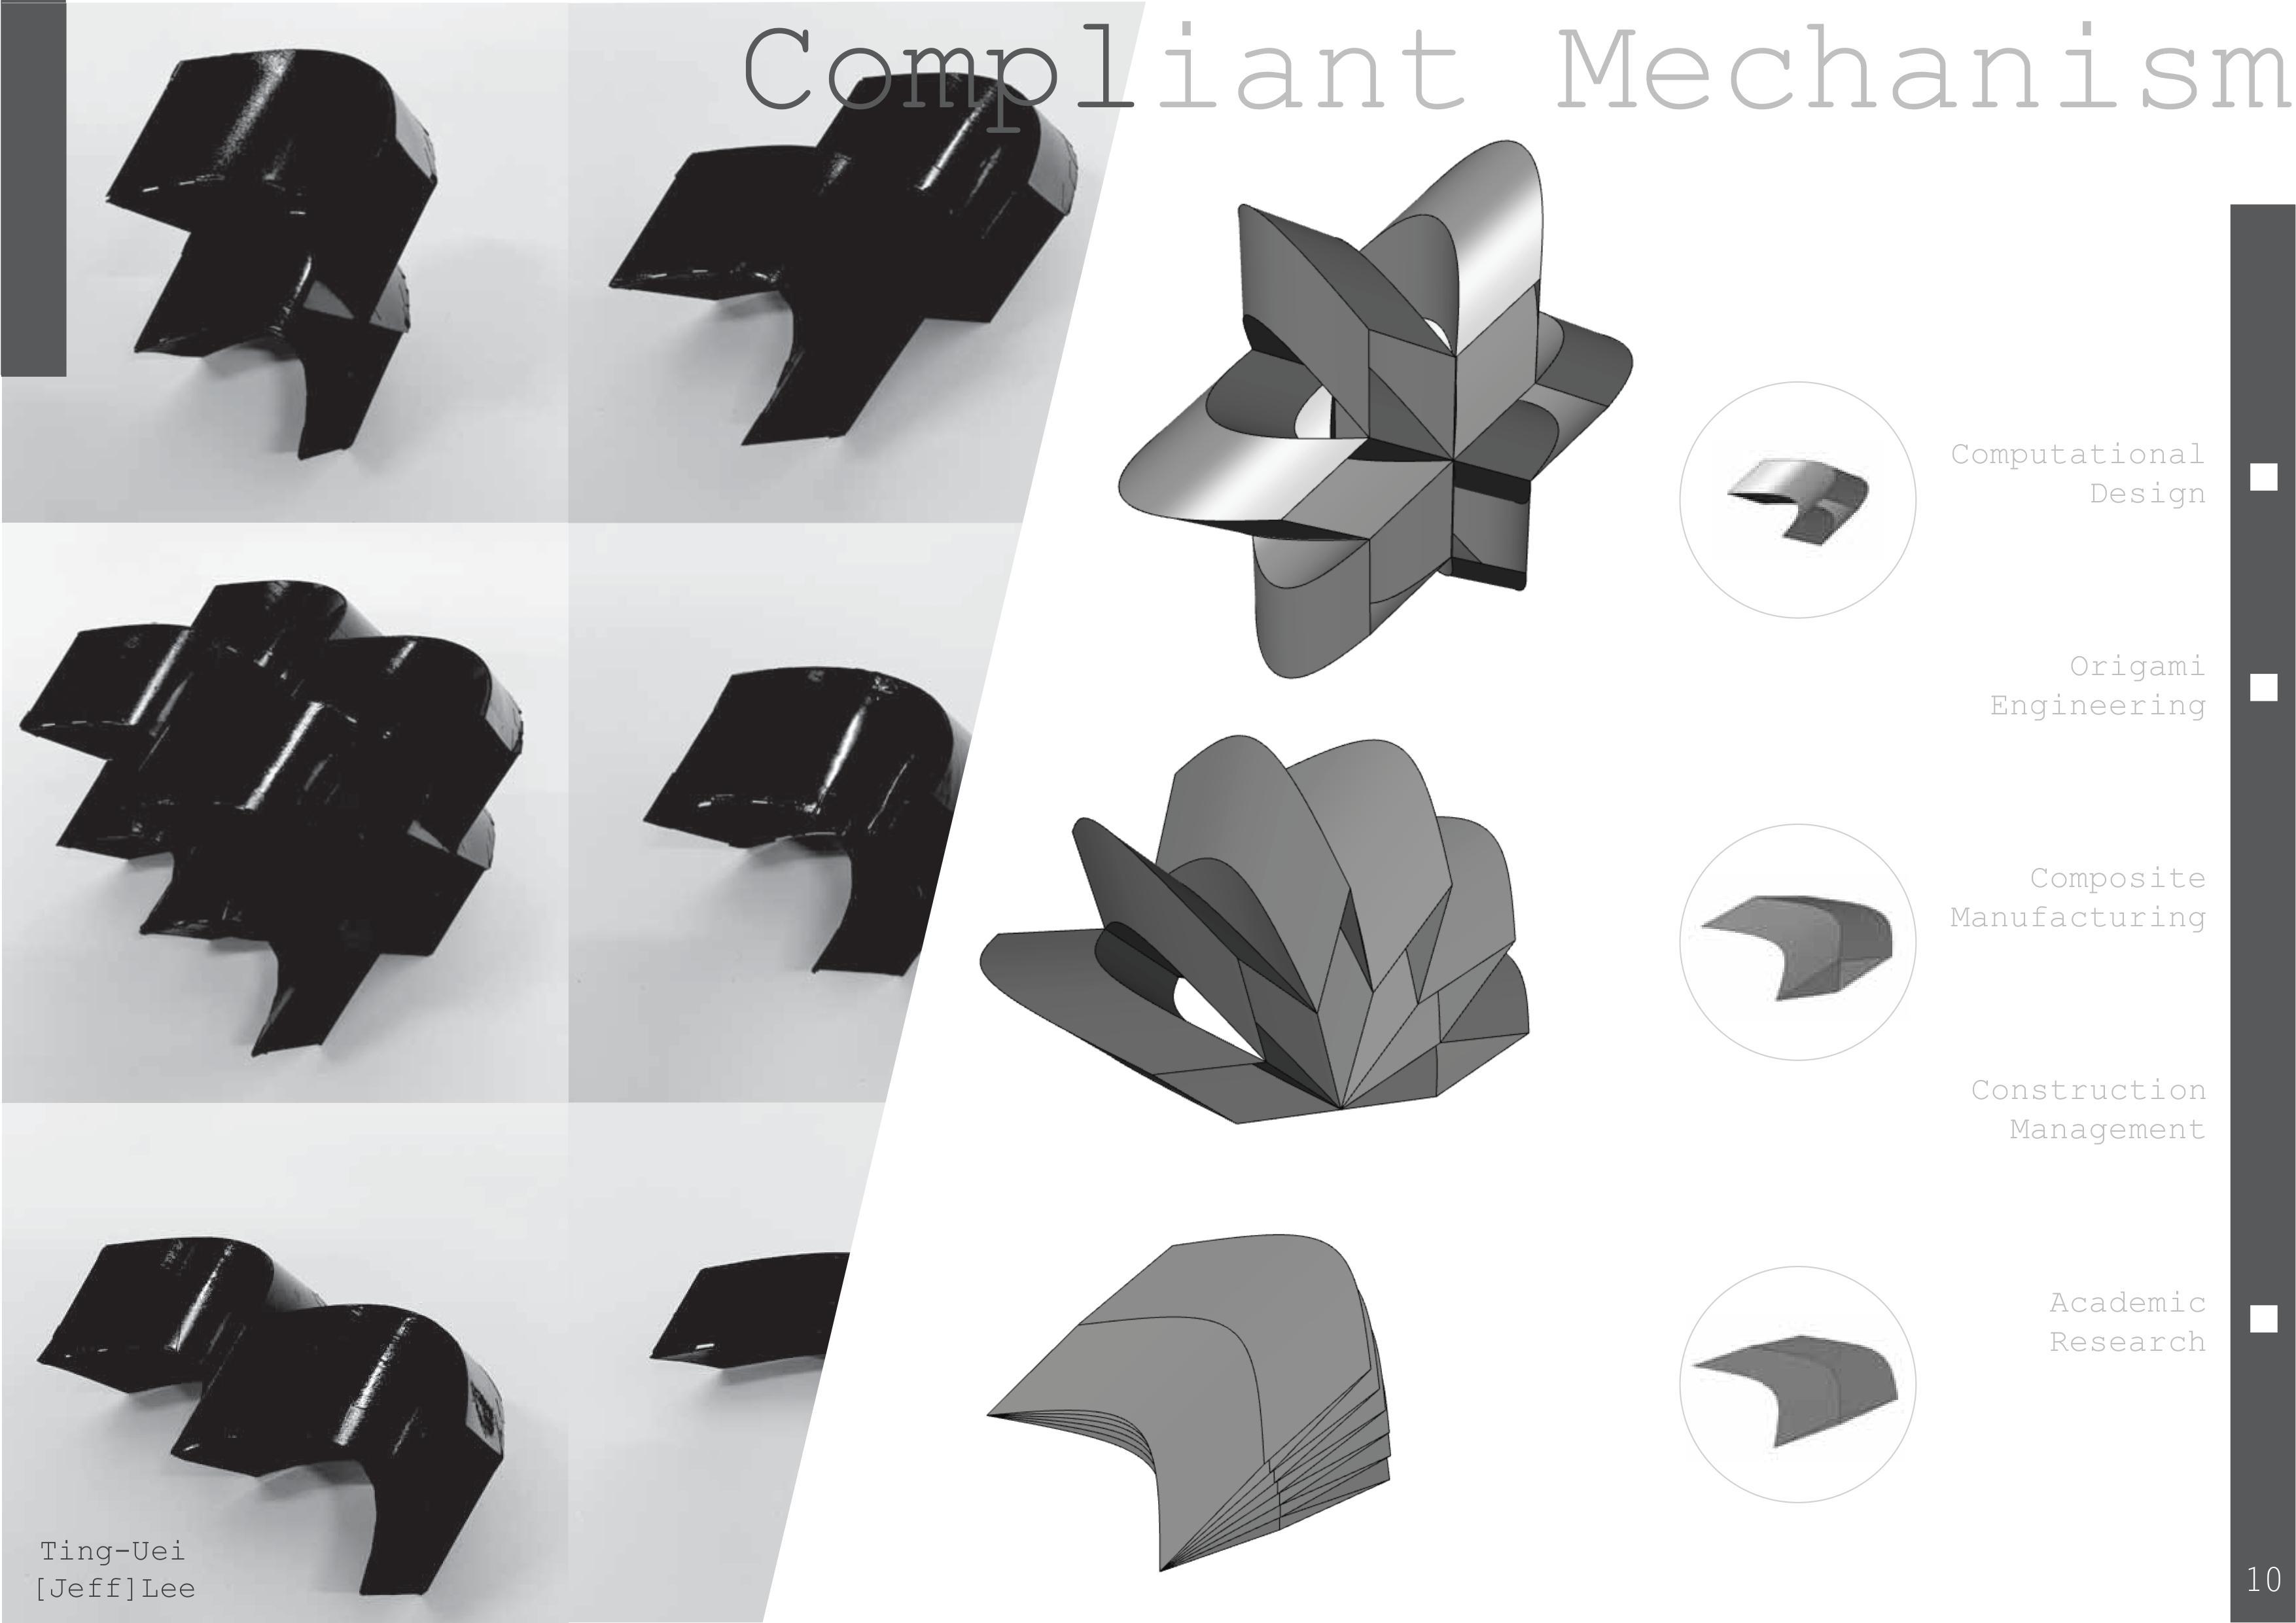 Compliant Mechanism